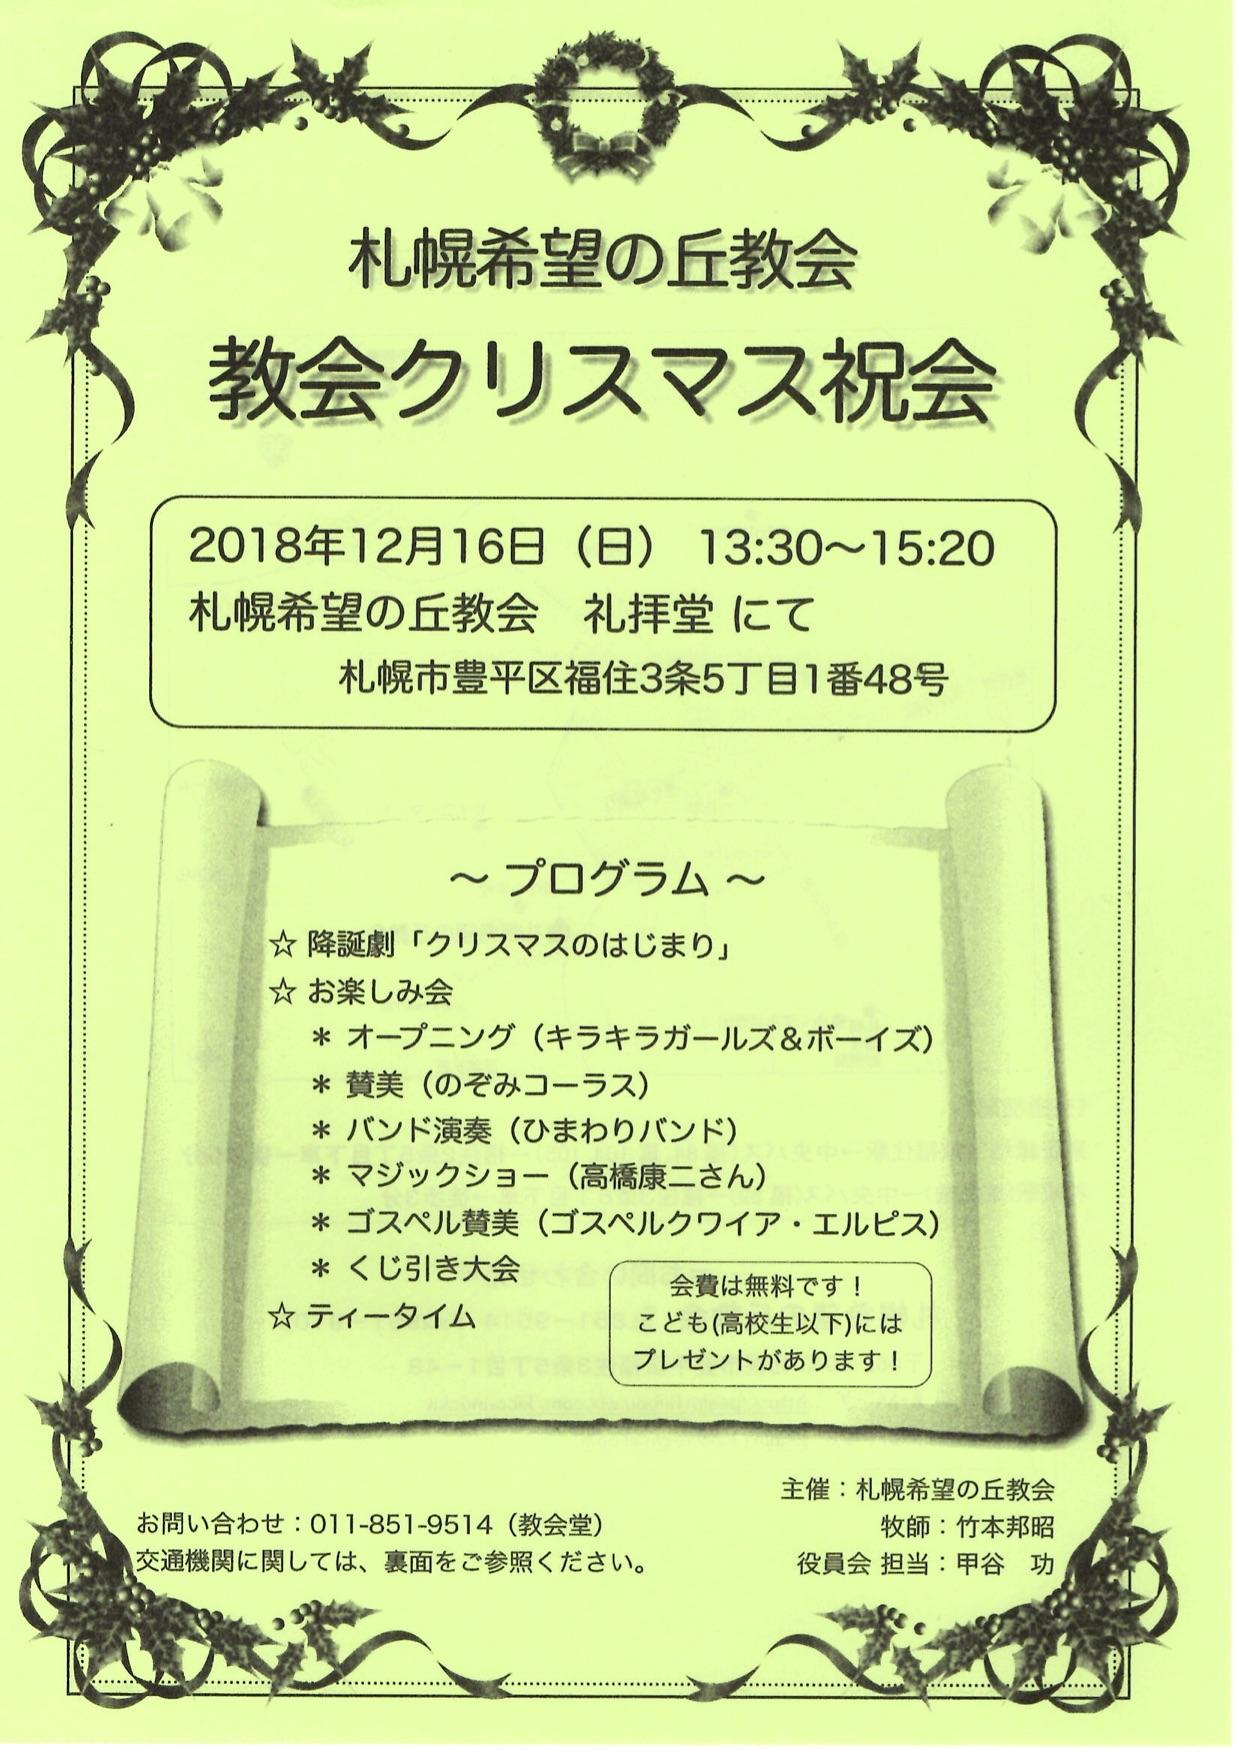 [2018.12.16 SUN] エルピス@札幌希望の丘教会クリスマス祝会